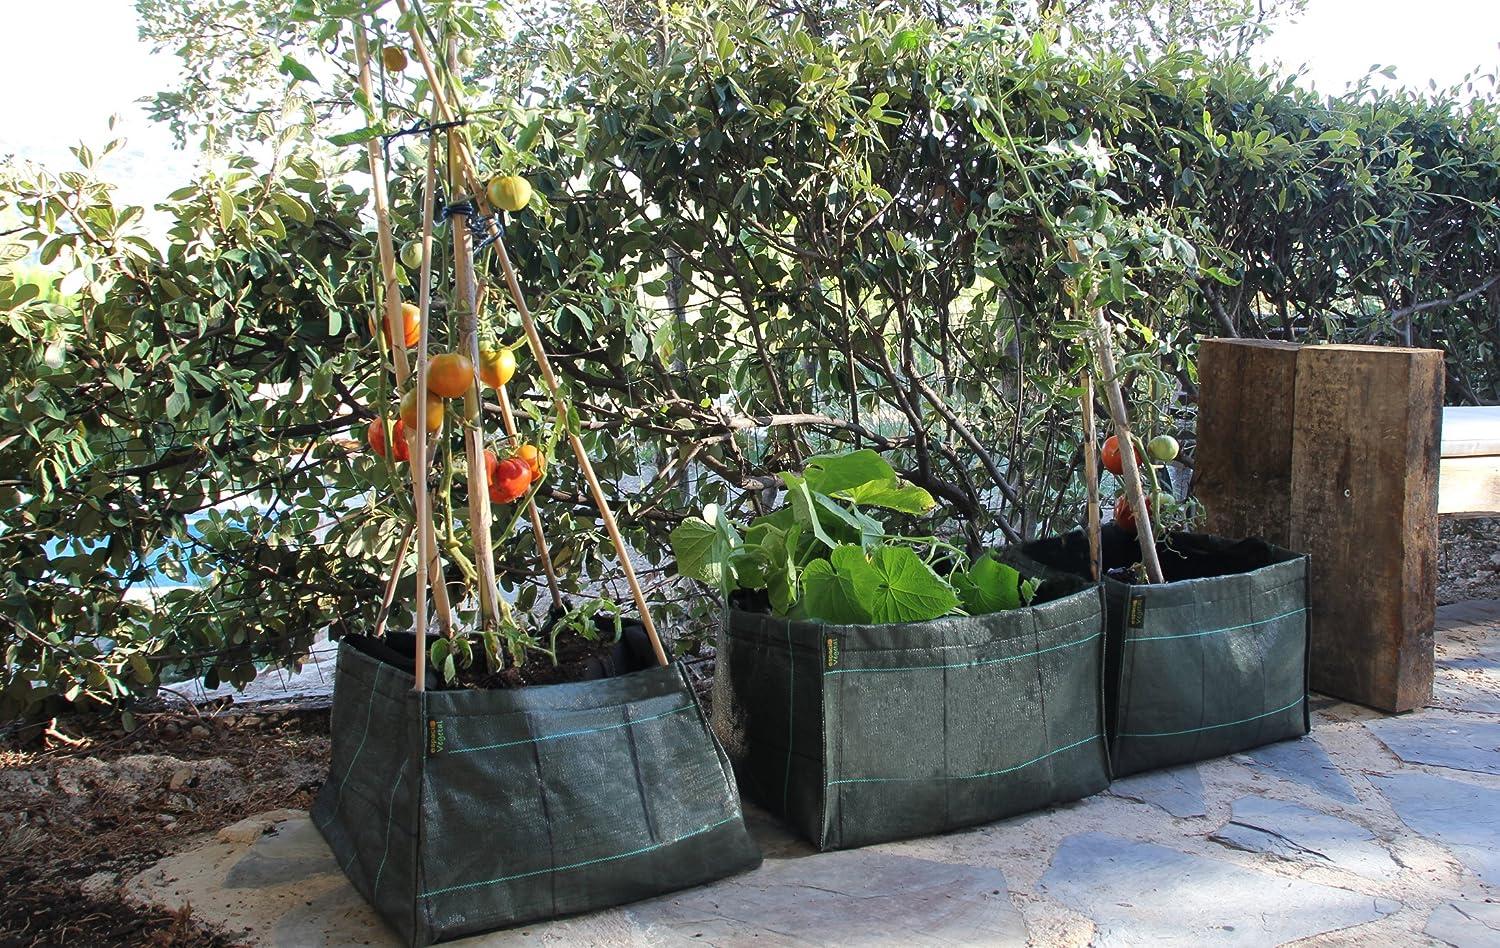 Minihuerto hortalizas V454530: Amazon.es: Jardín